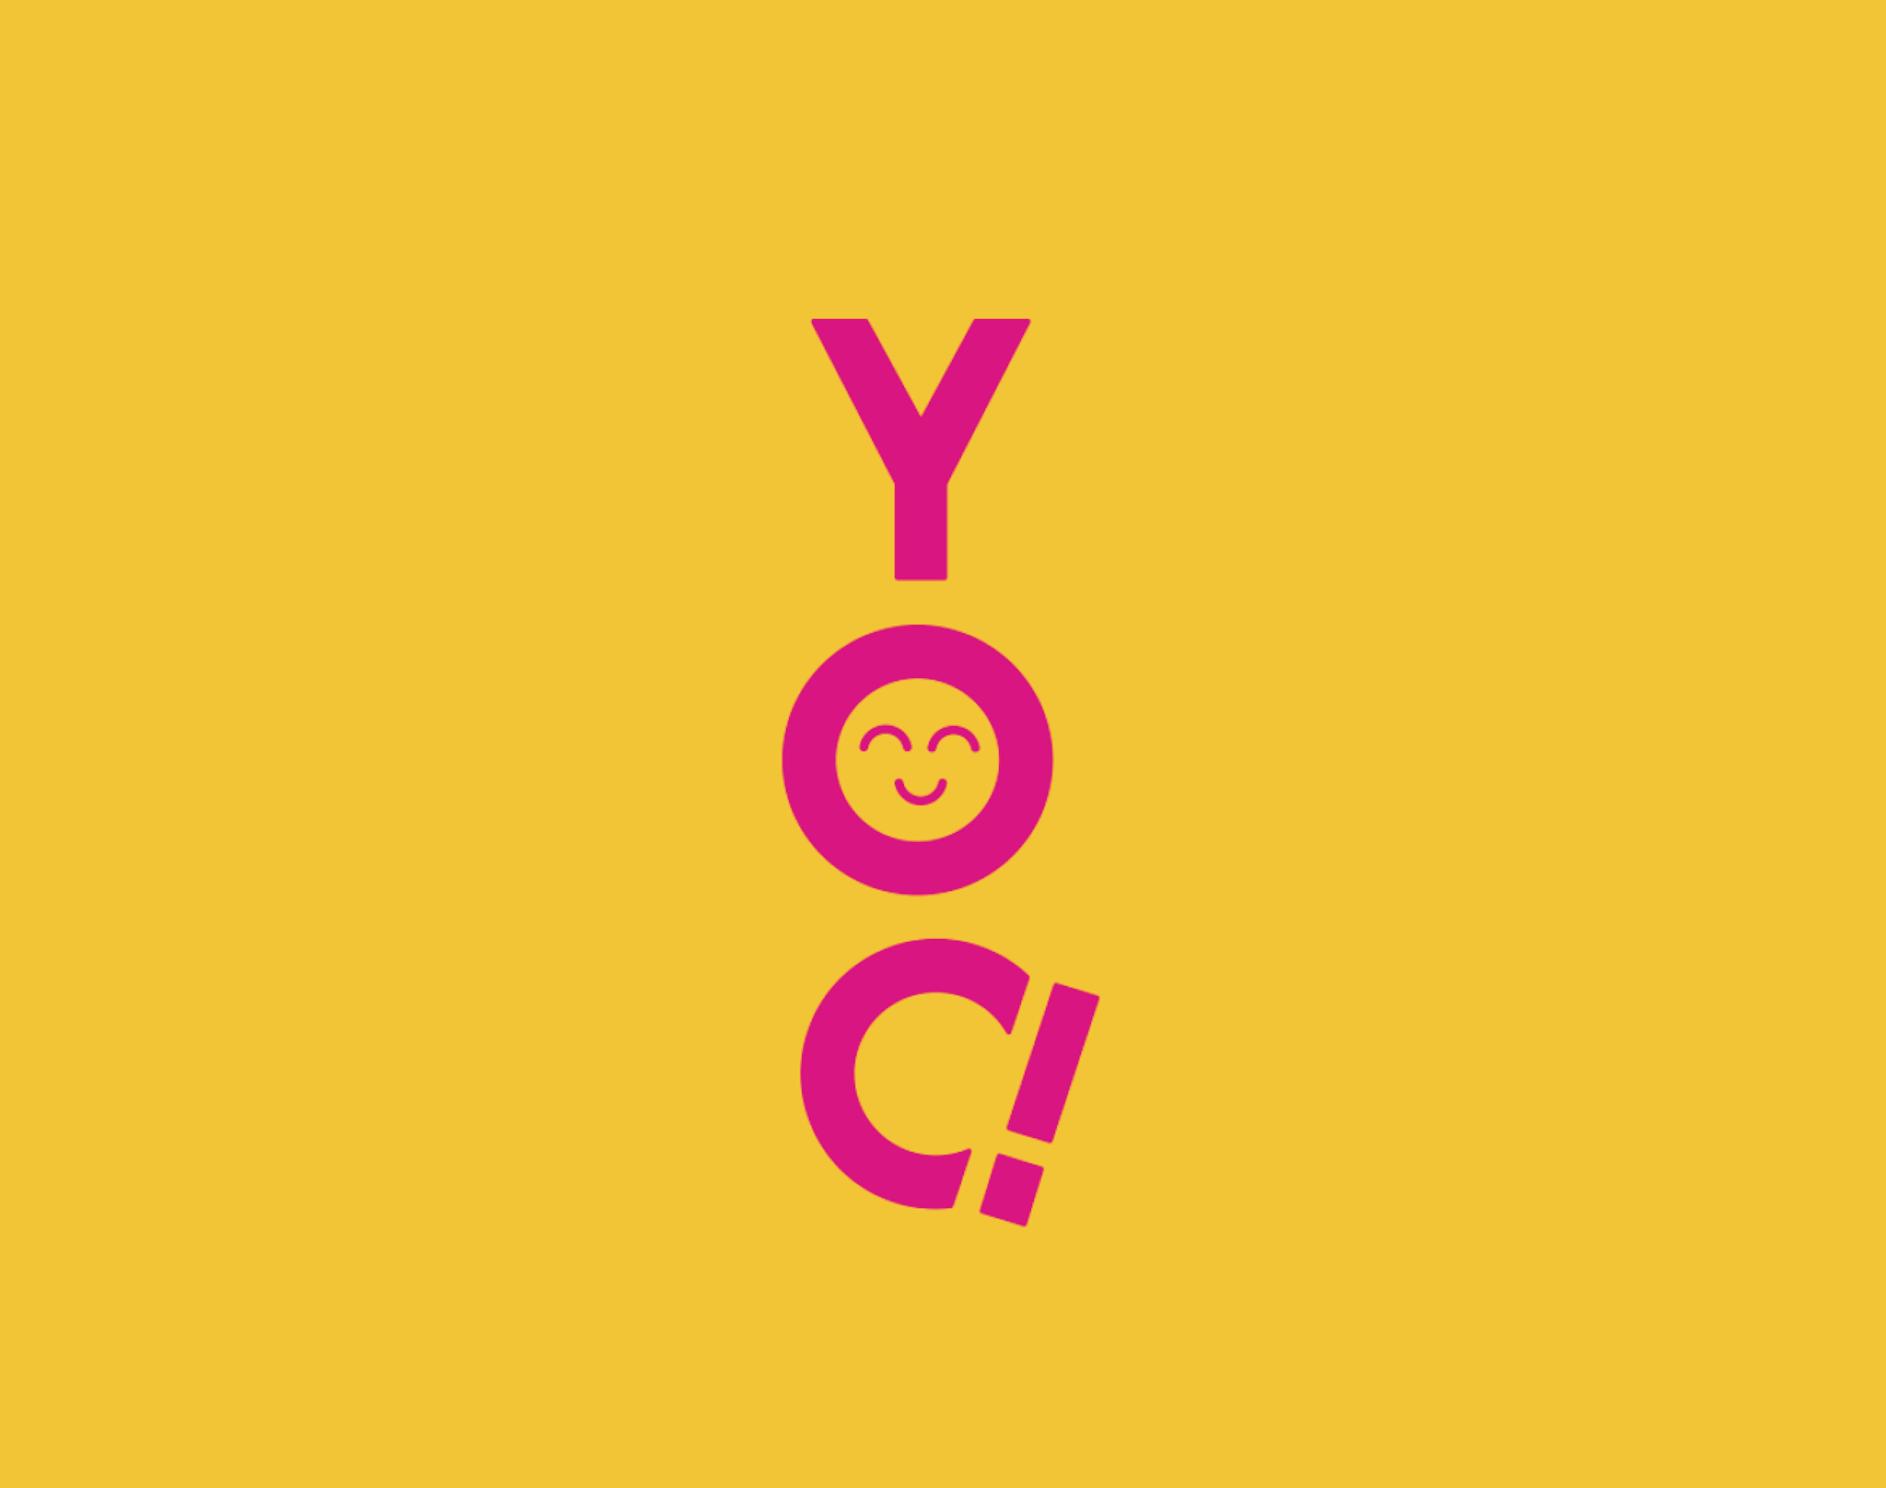 Yoc_logo.png